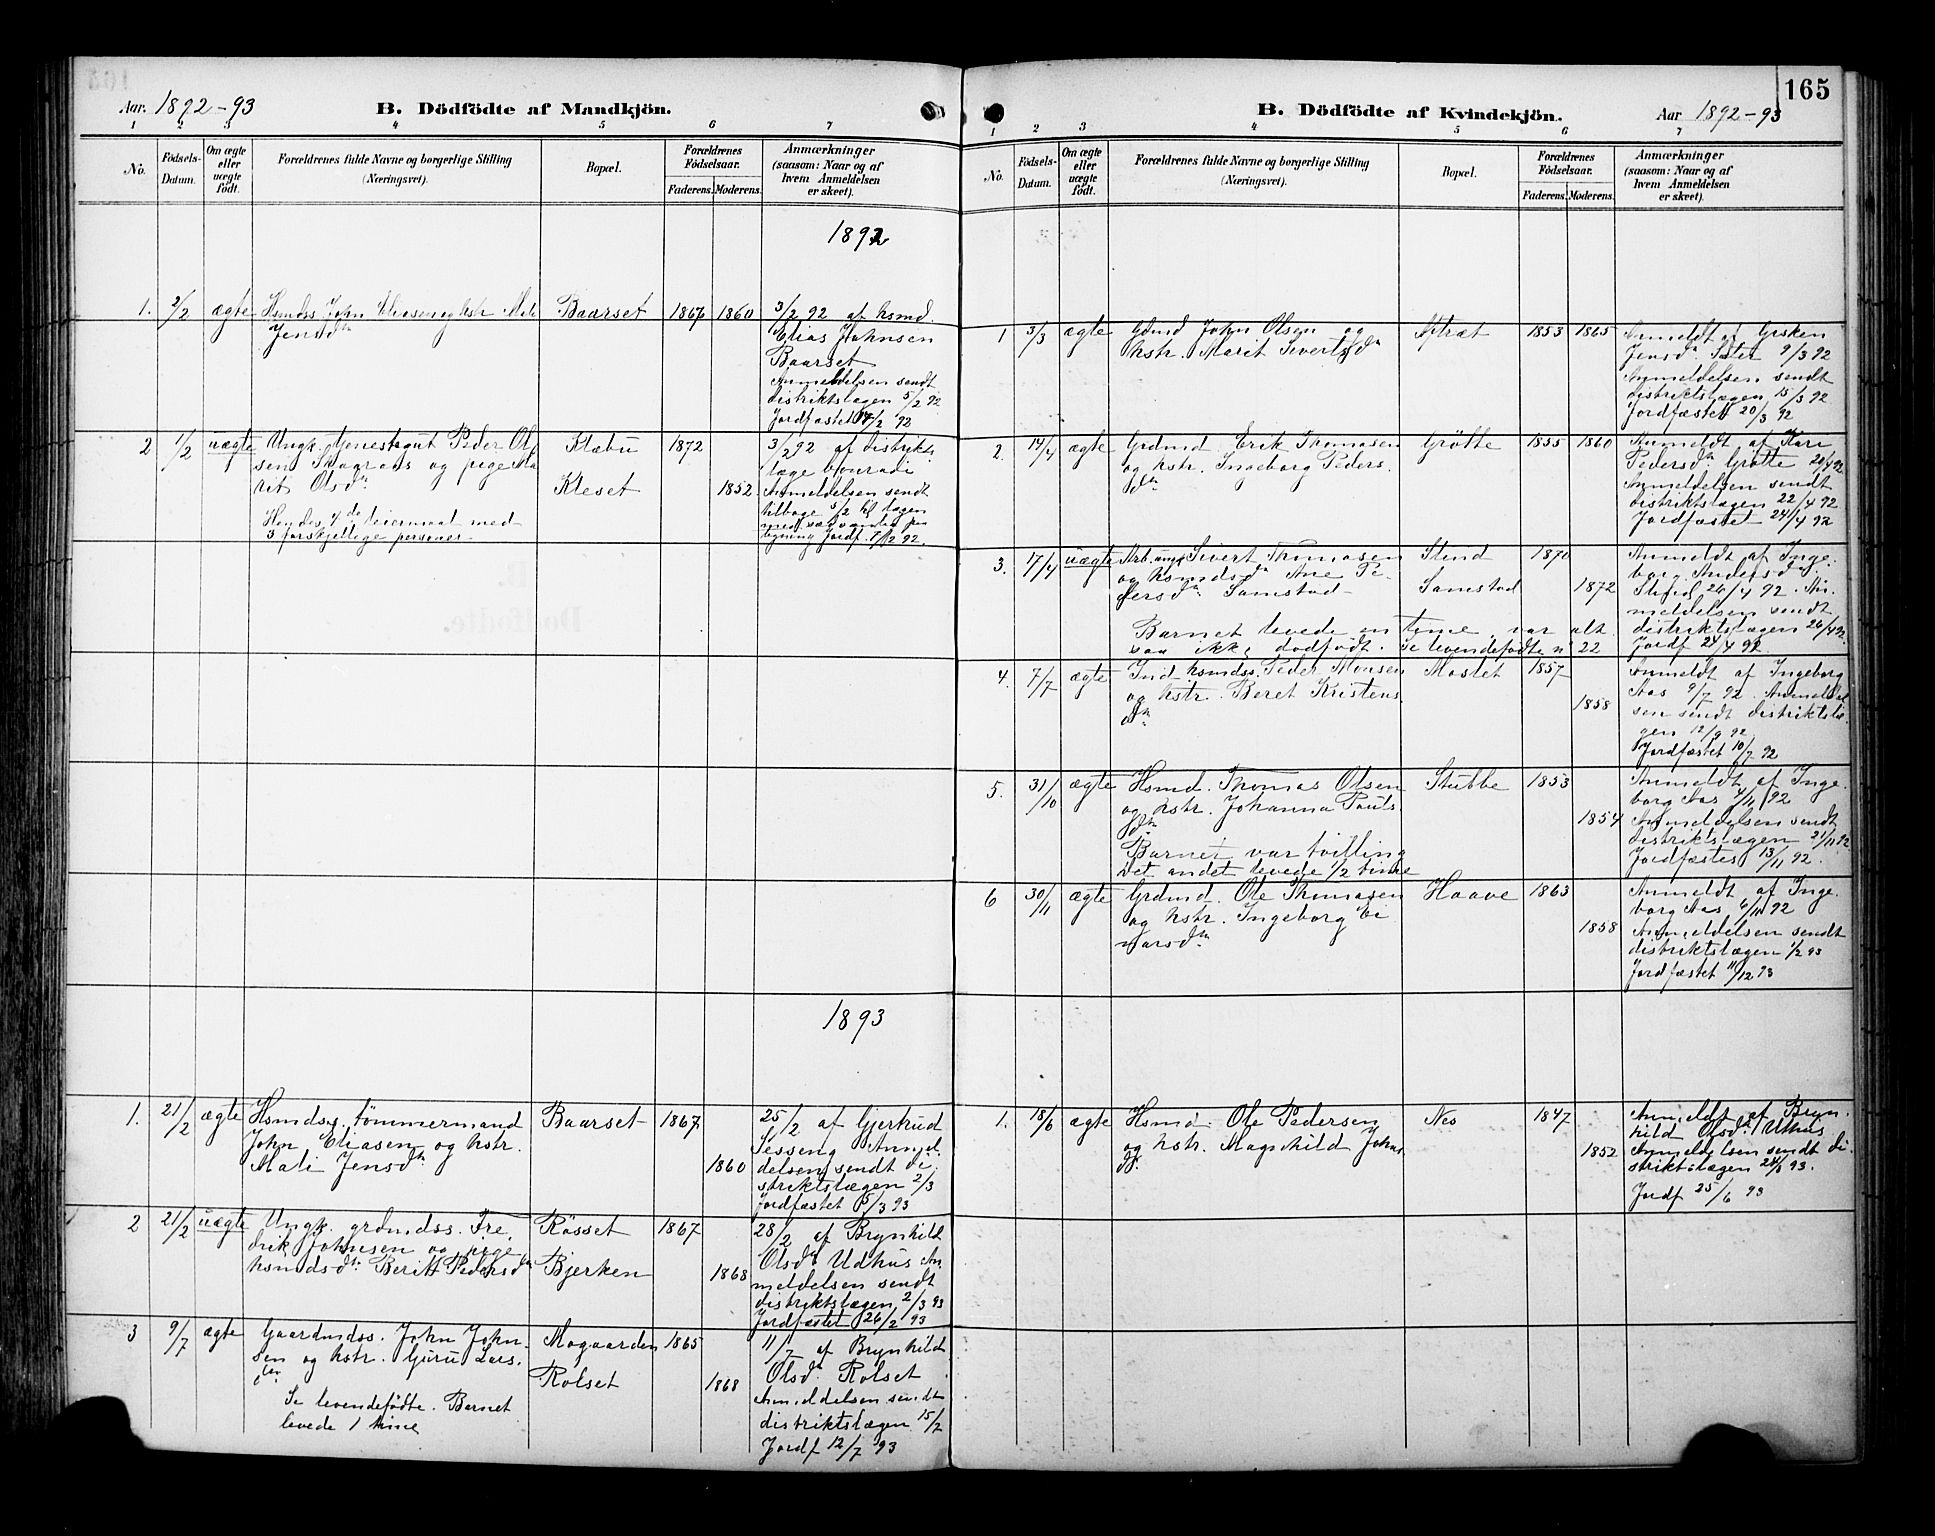 SAT, Ministerialprotokoller, klokkerbøker og fødselsregistre - Sør-Trøndelag, 695/L1149: Ministerialbok nr. 695A09, 1891-1902, s. 165